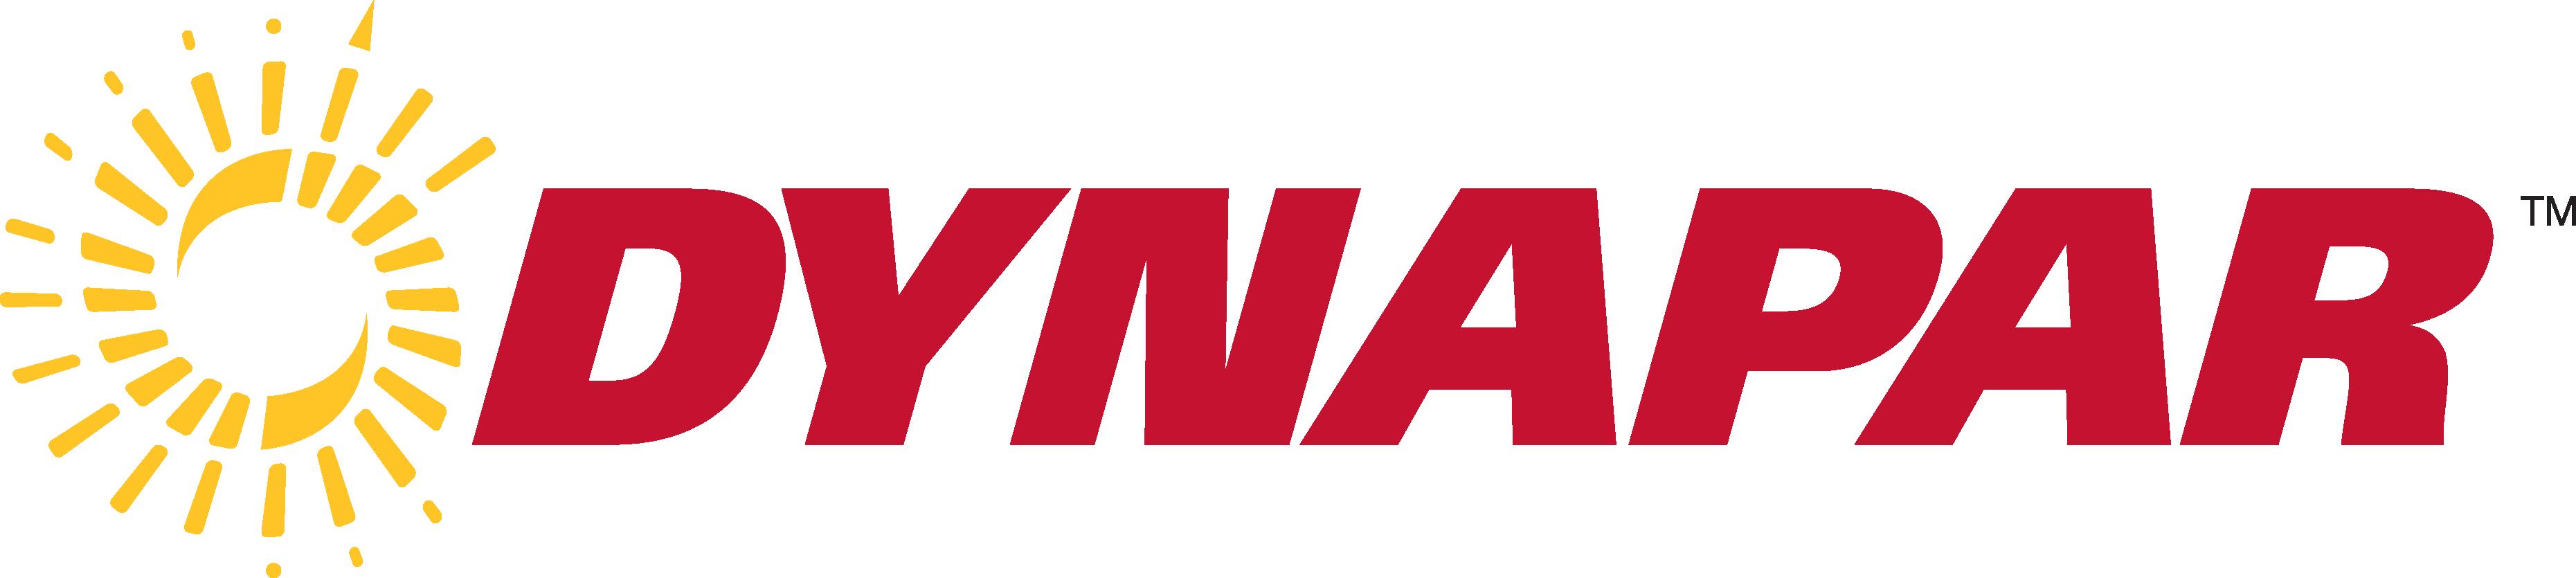 dynapar logo